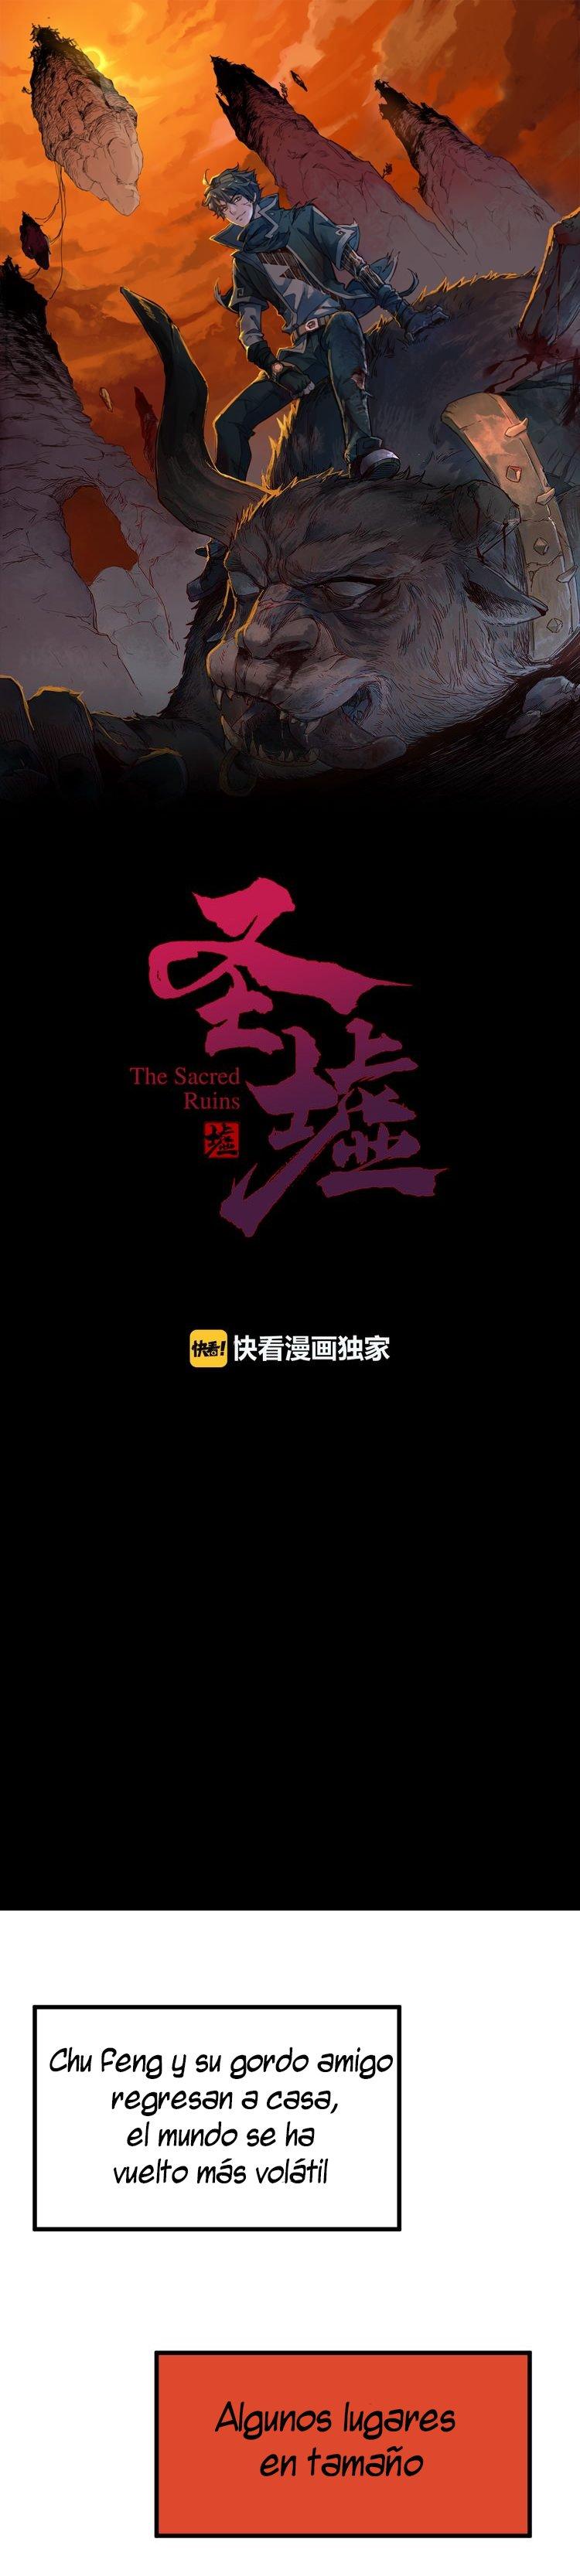 https://nine.mangadogs.com/es_manga/pic8/41/34665/949111/2231960ff9b7b866bfac35e57634972b.jpg Page 1